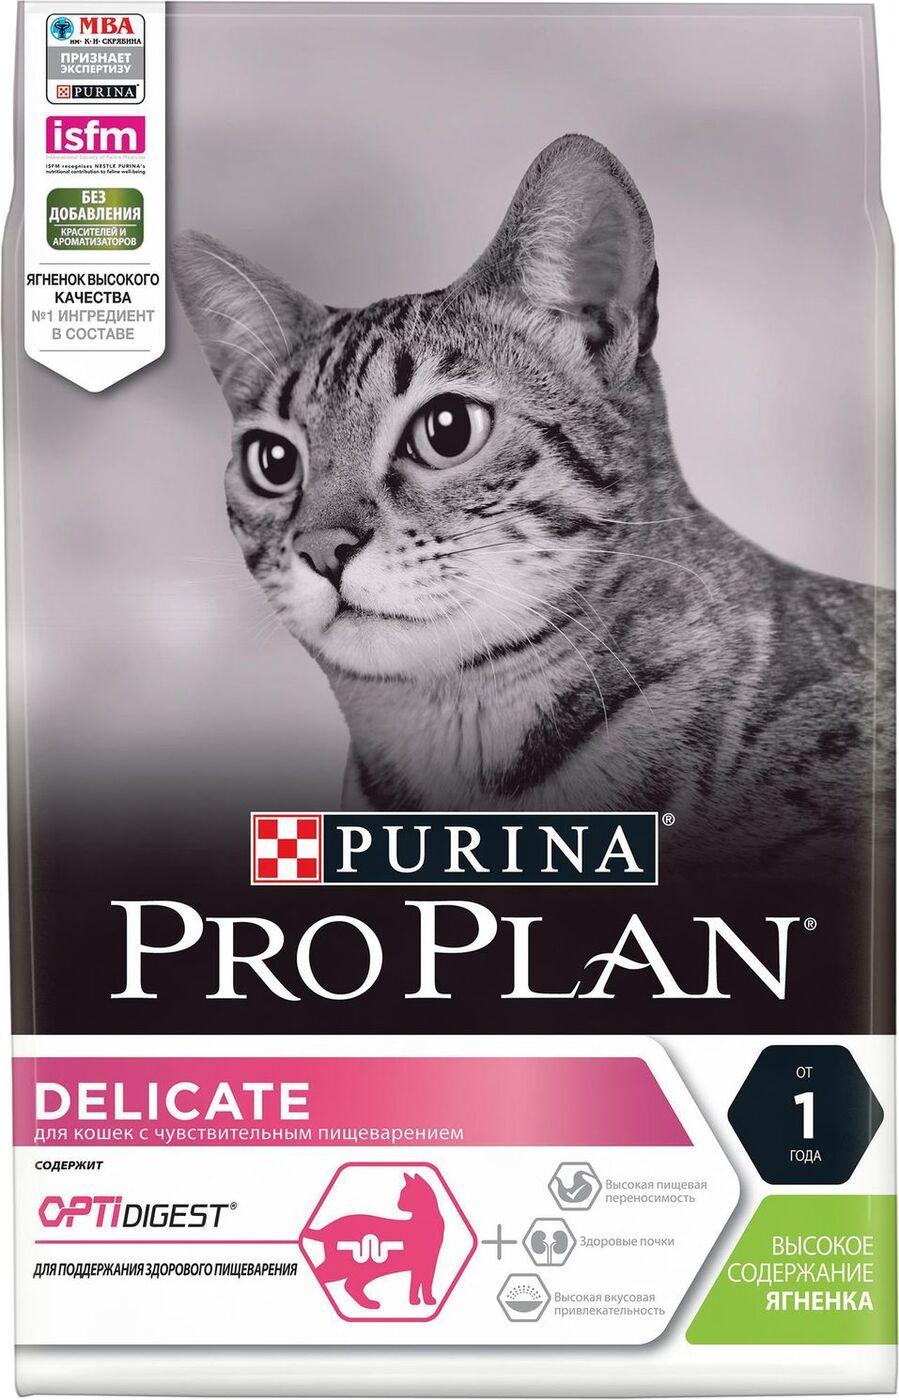 Сухой корм Pro Plan для взрослых кошек с чувствительным пищеварением или с особыми предпочтениями в еде, с высоким содержанием ягненка, 3 кг